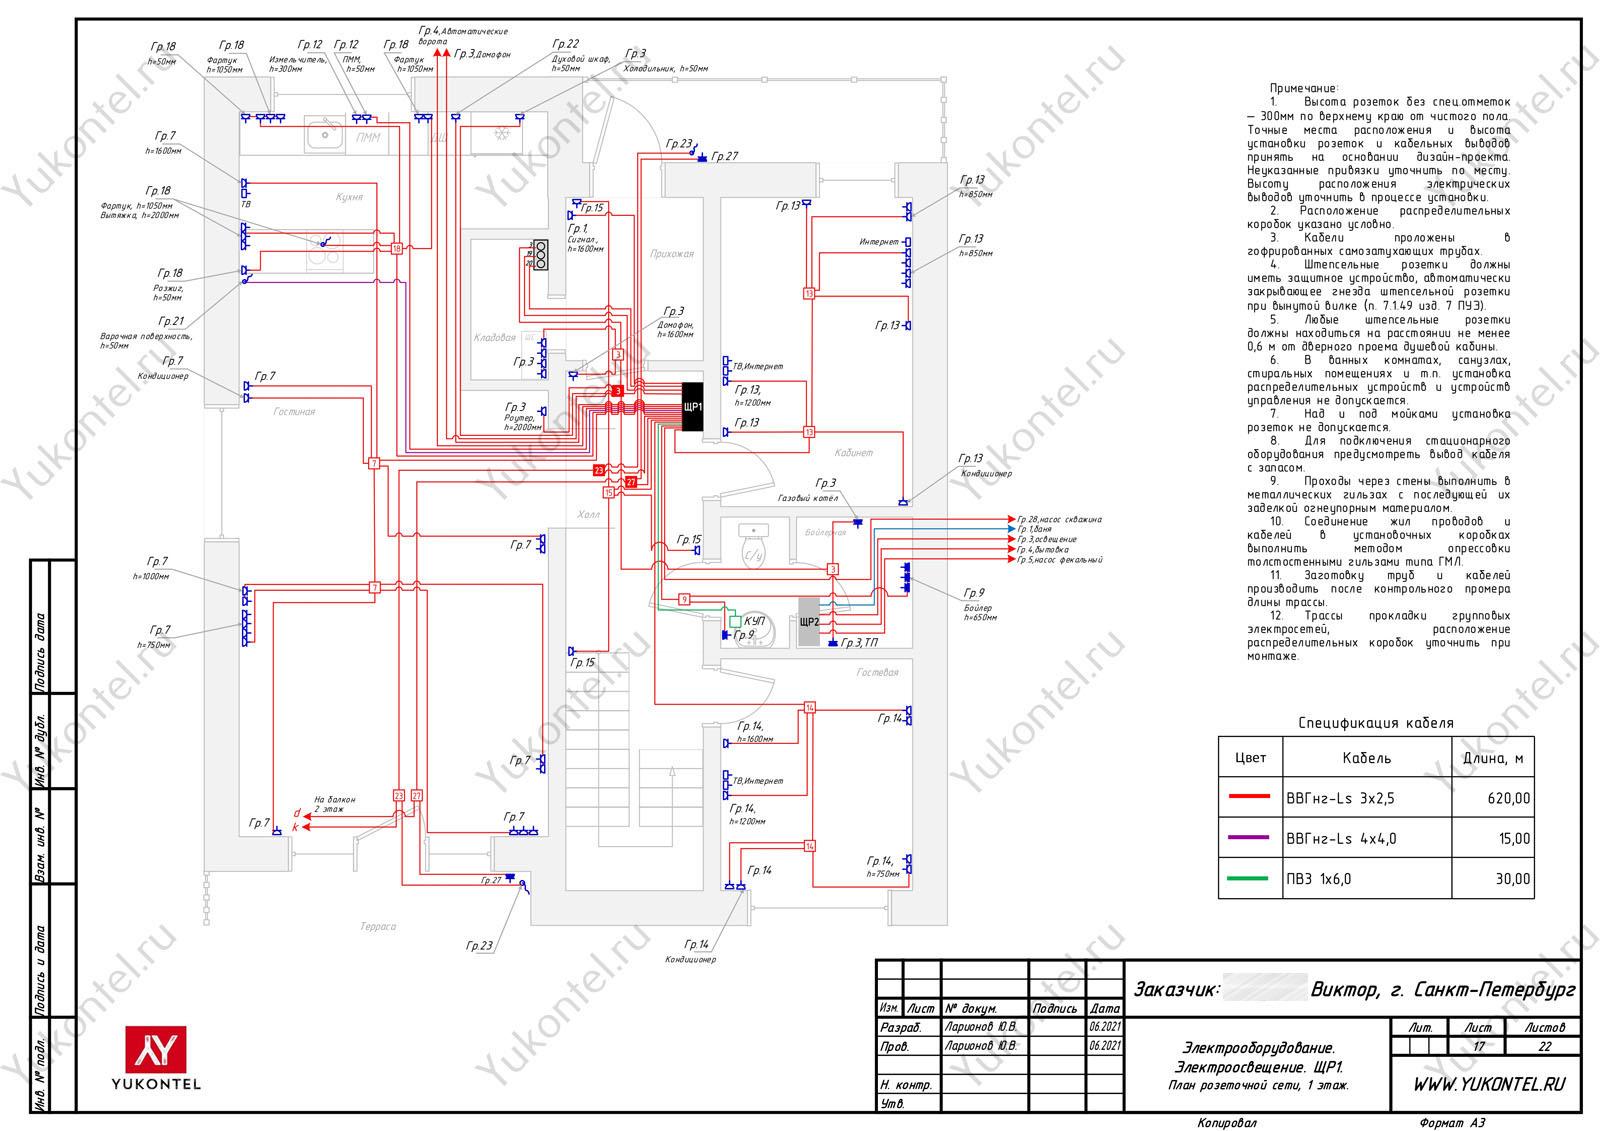 097-проект-электрощита-спб-чдом-юконтел (4)